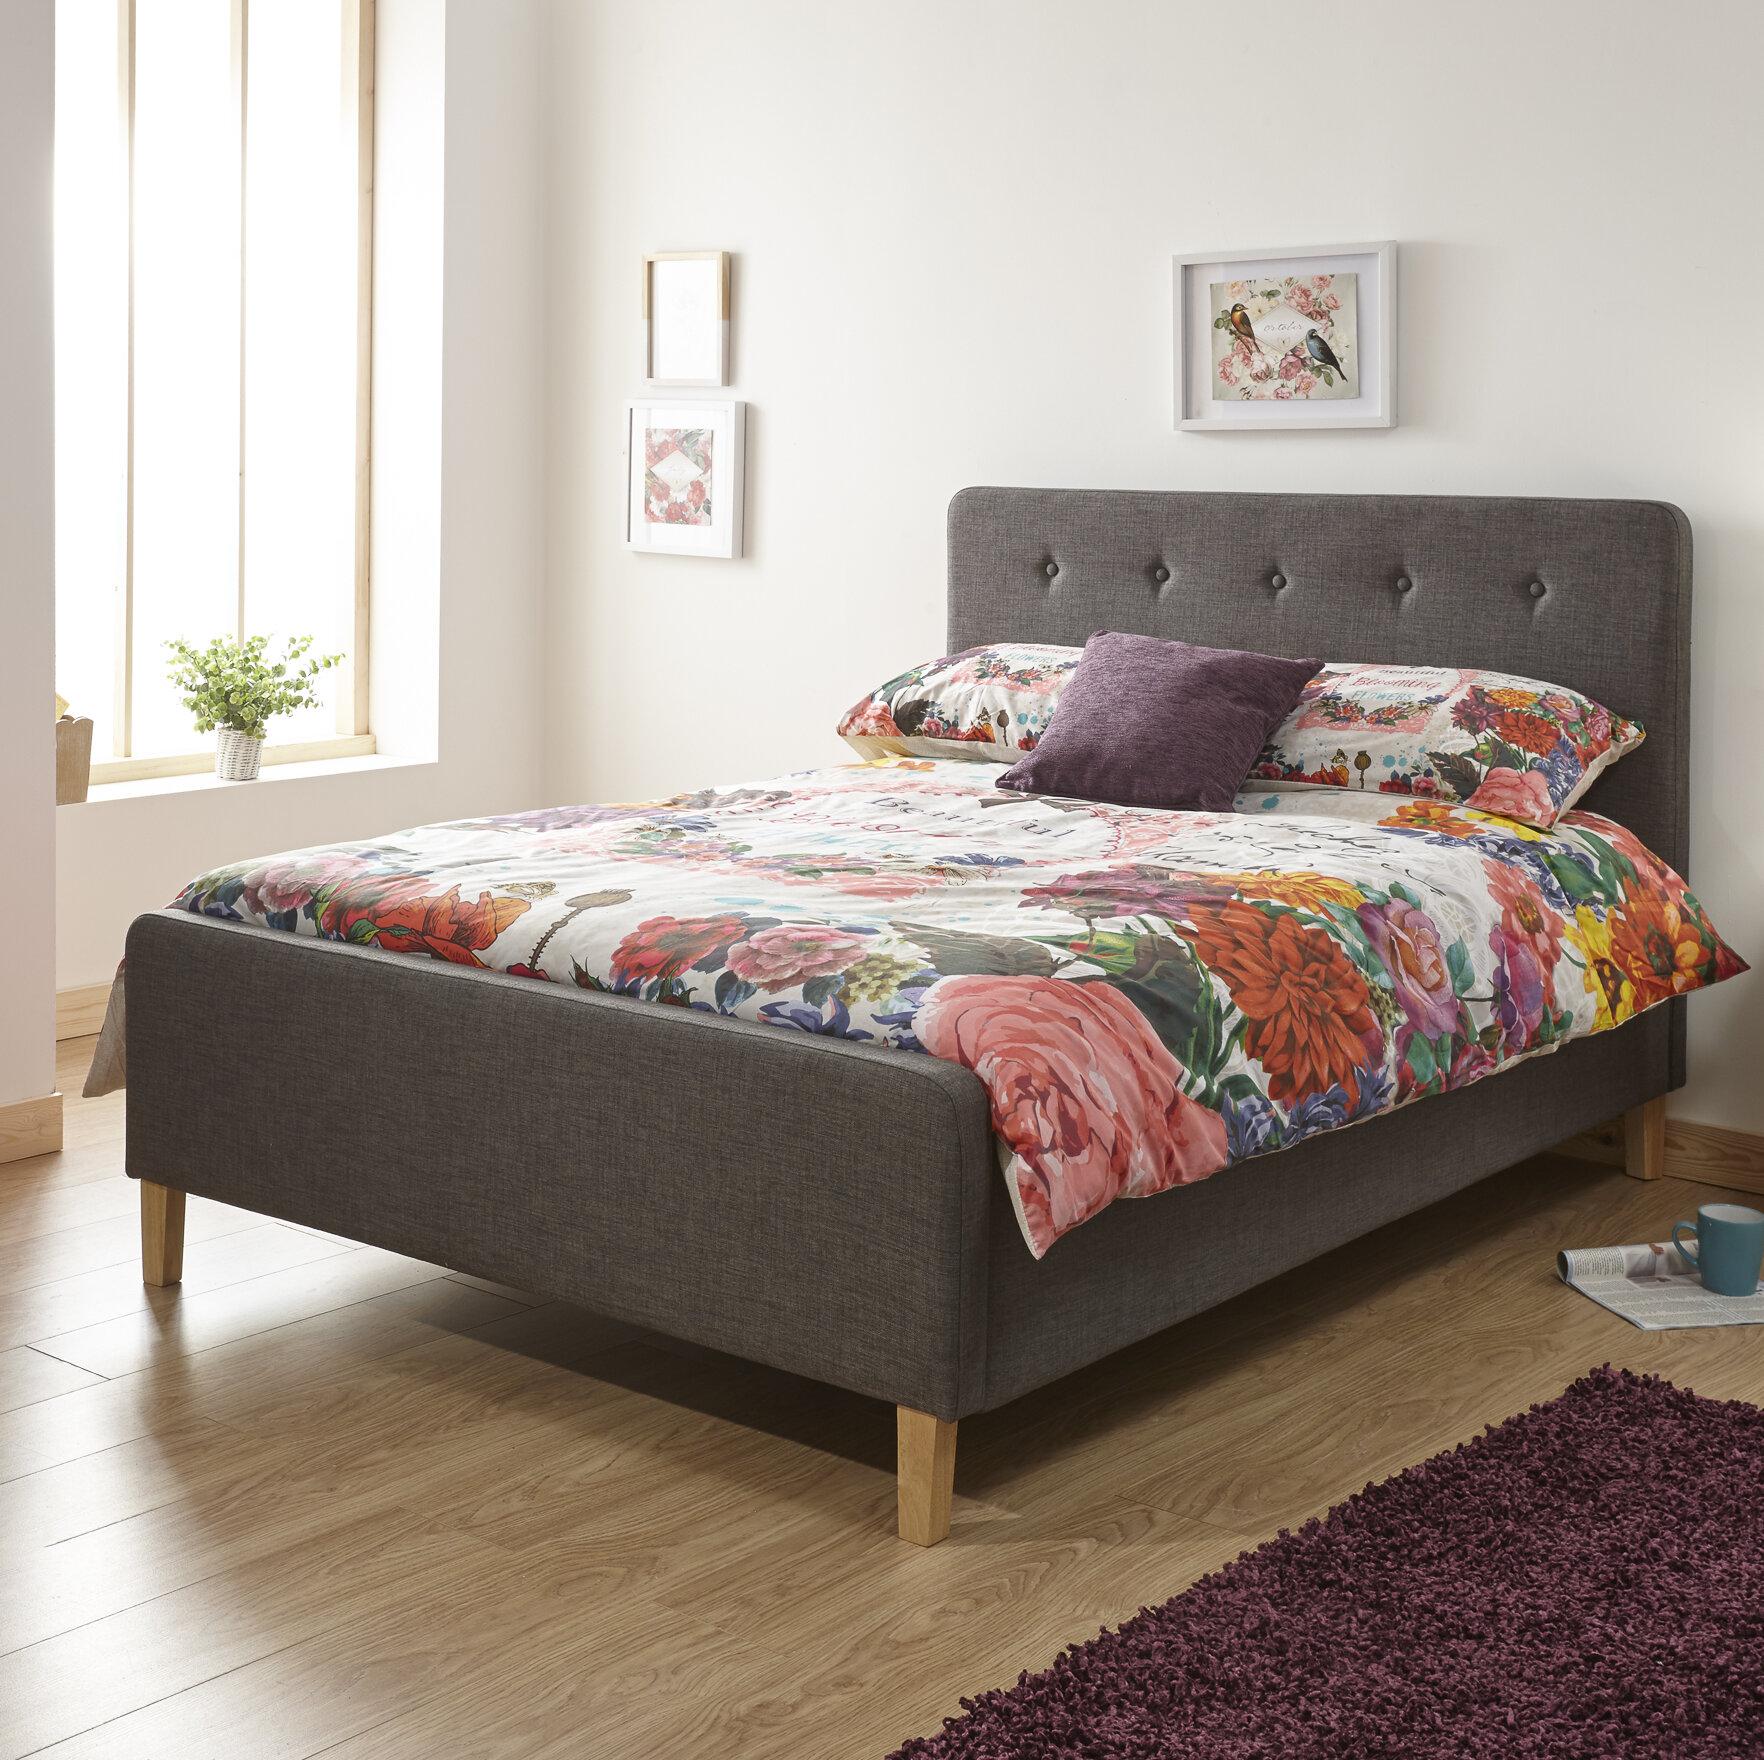 Zipcode Design Buckhaven Upholstered Ottoman Bed Reviews Wayfair Co Uk